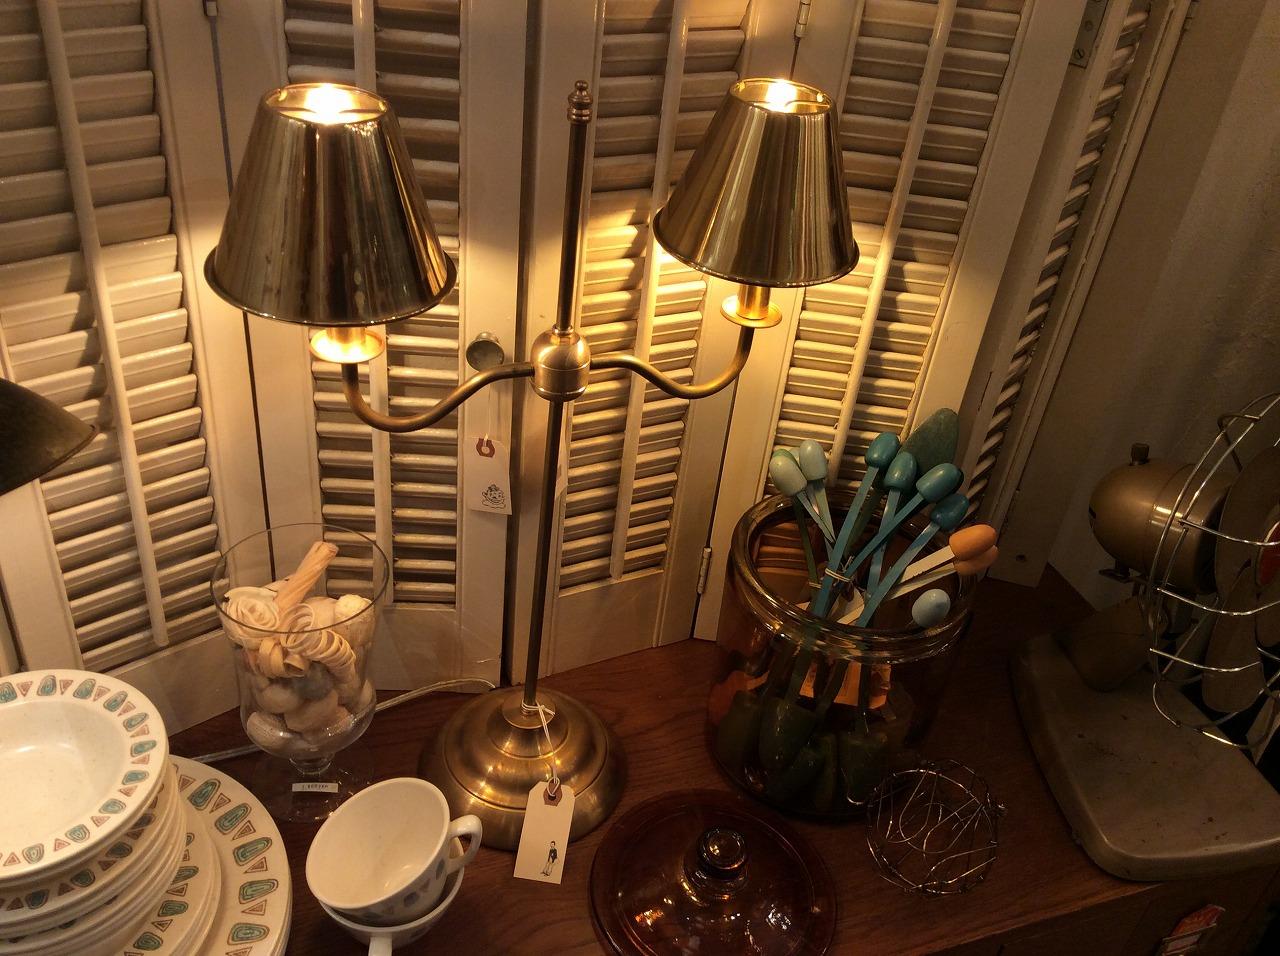 2-Bulbs stand light